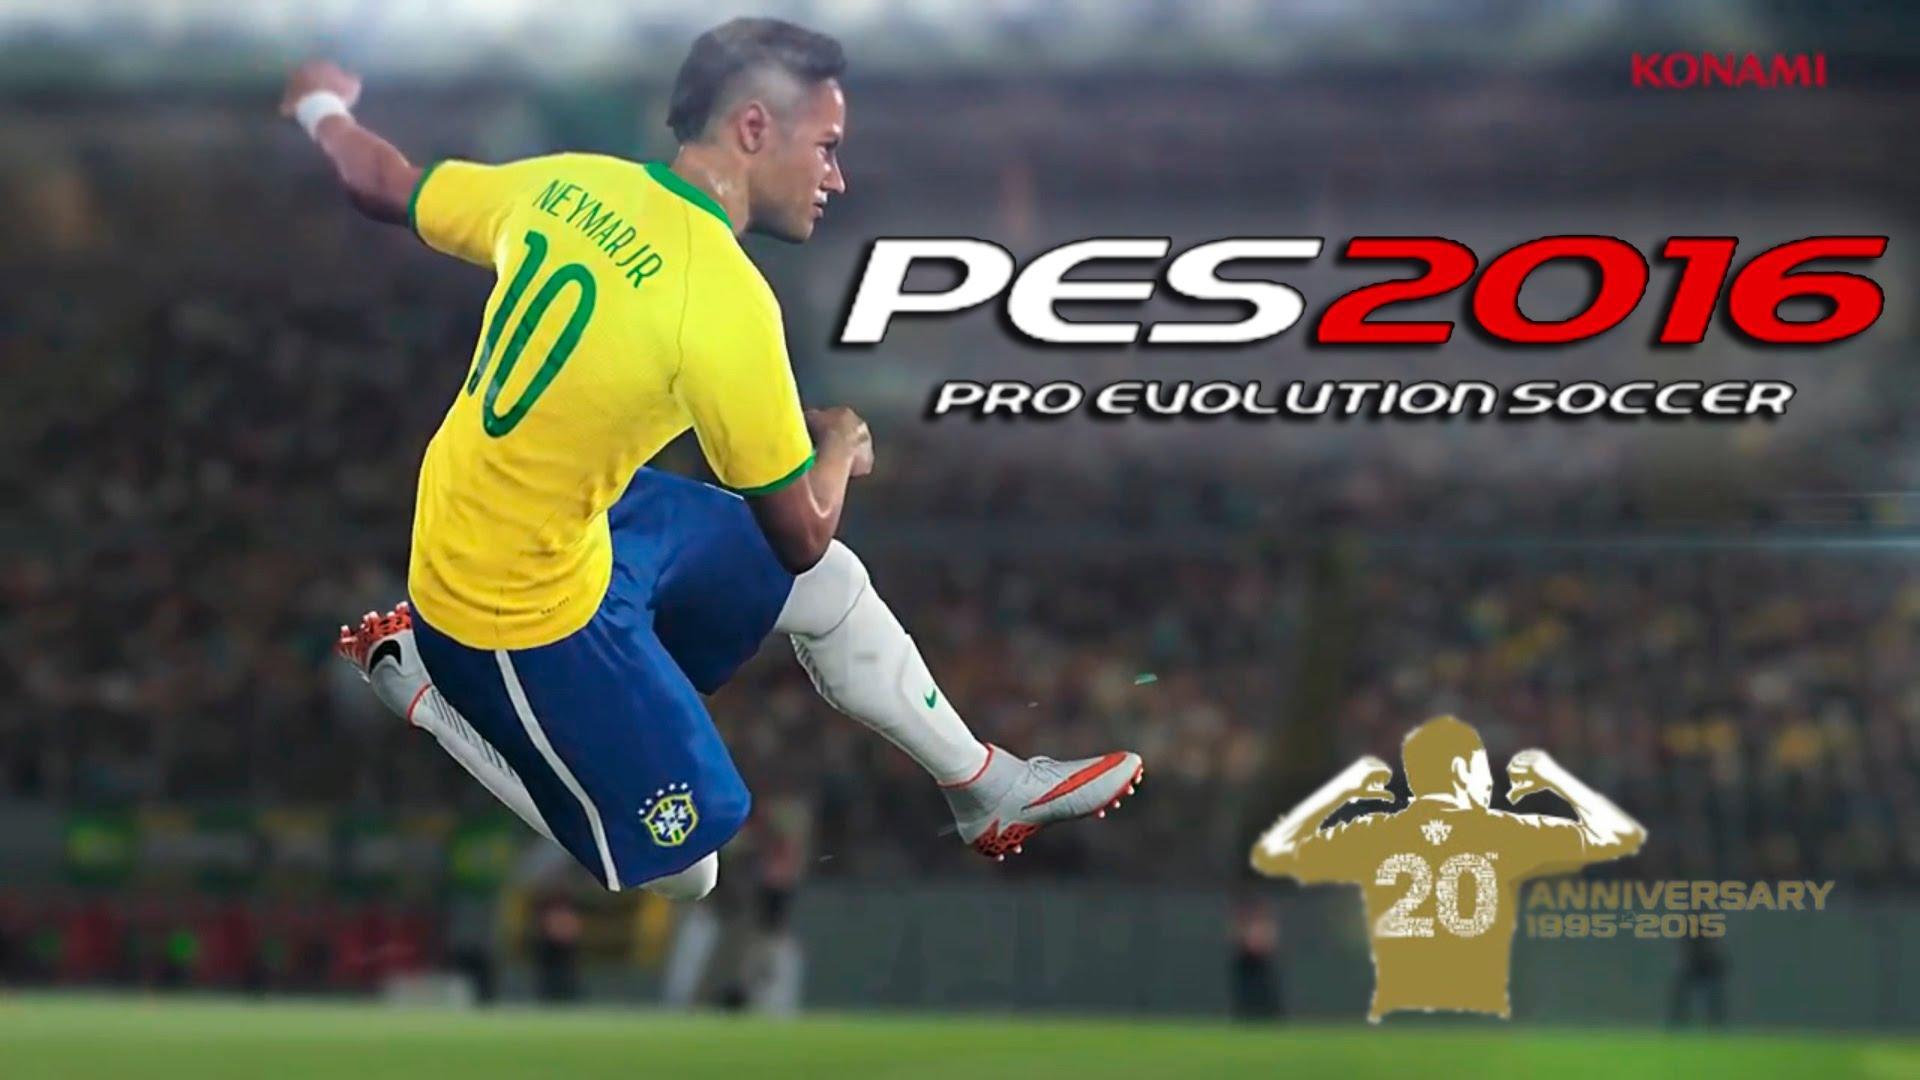 PES 2016 ra mắt bản miễn phí trong tháng 12